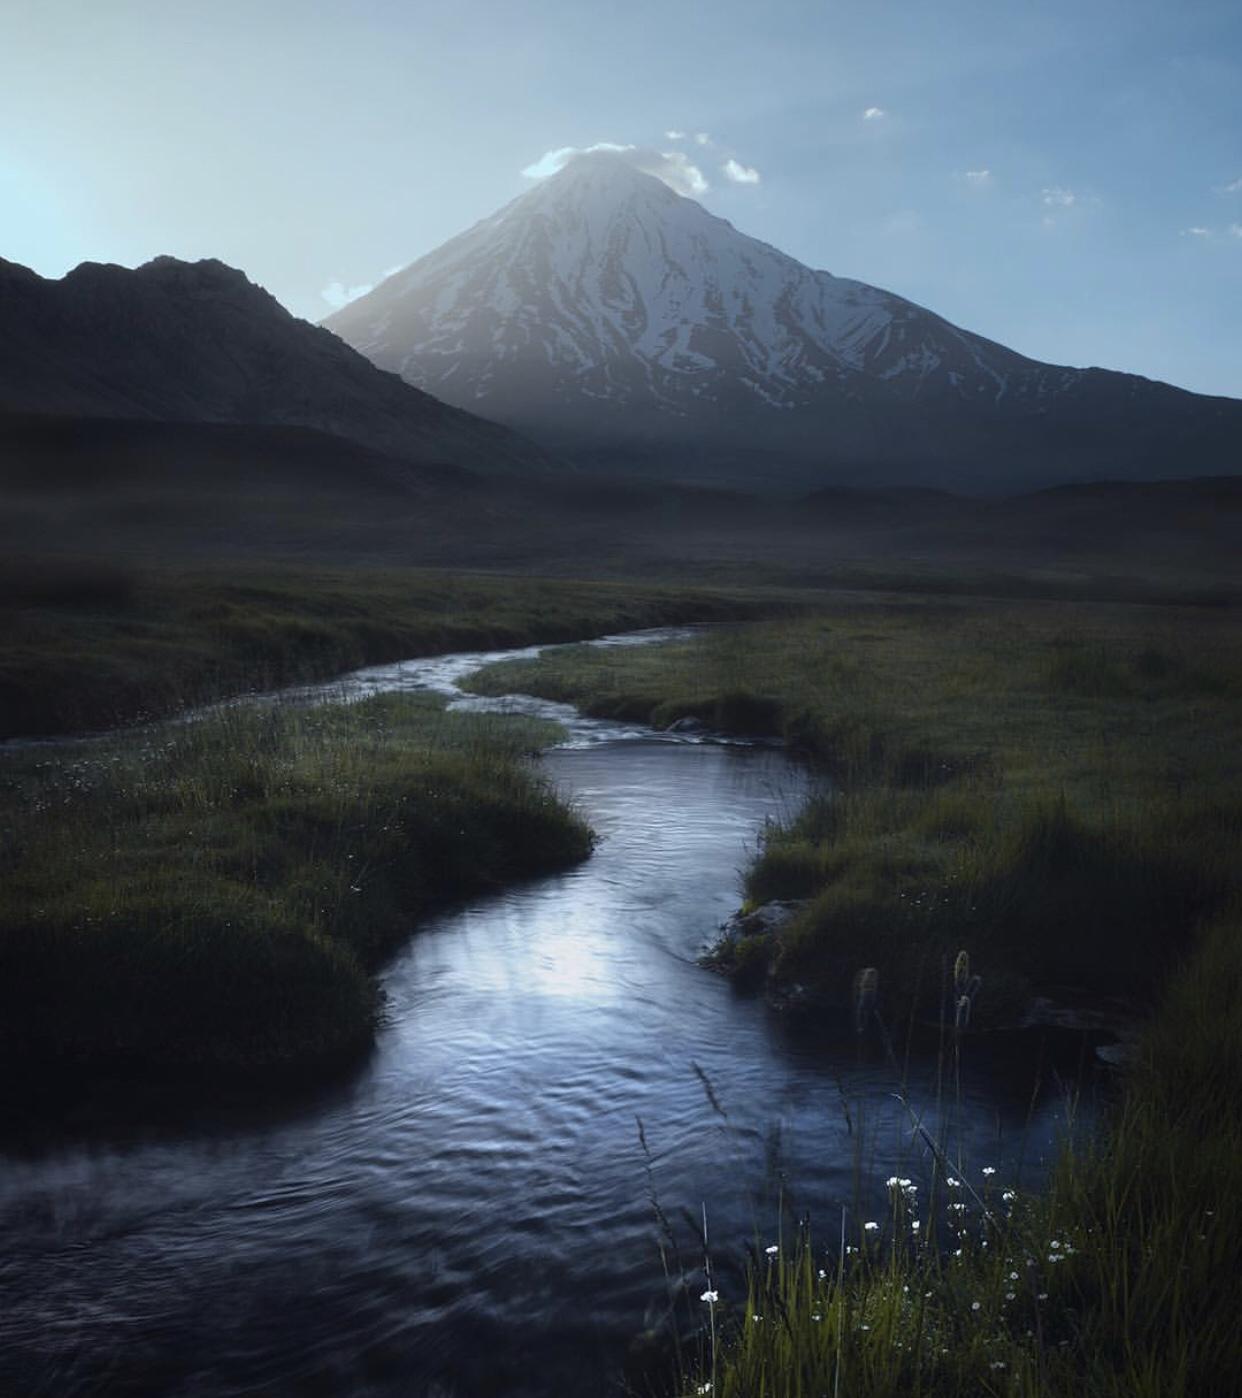 عدسة إيرانية: قمة جبل دماوند 1